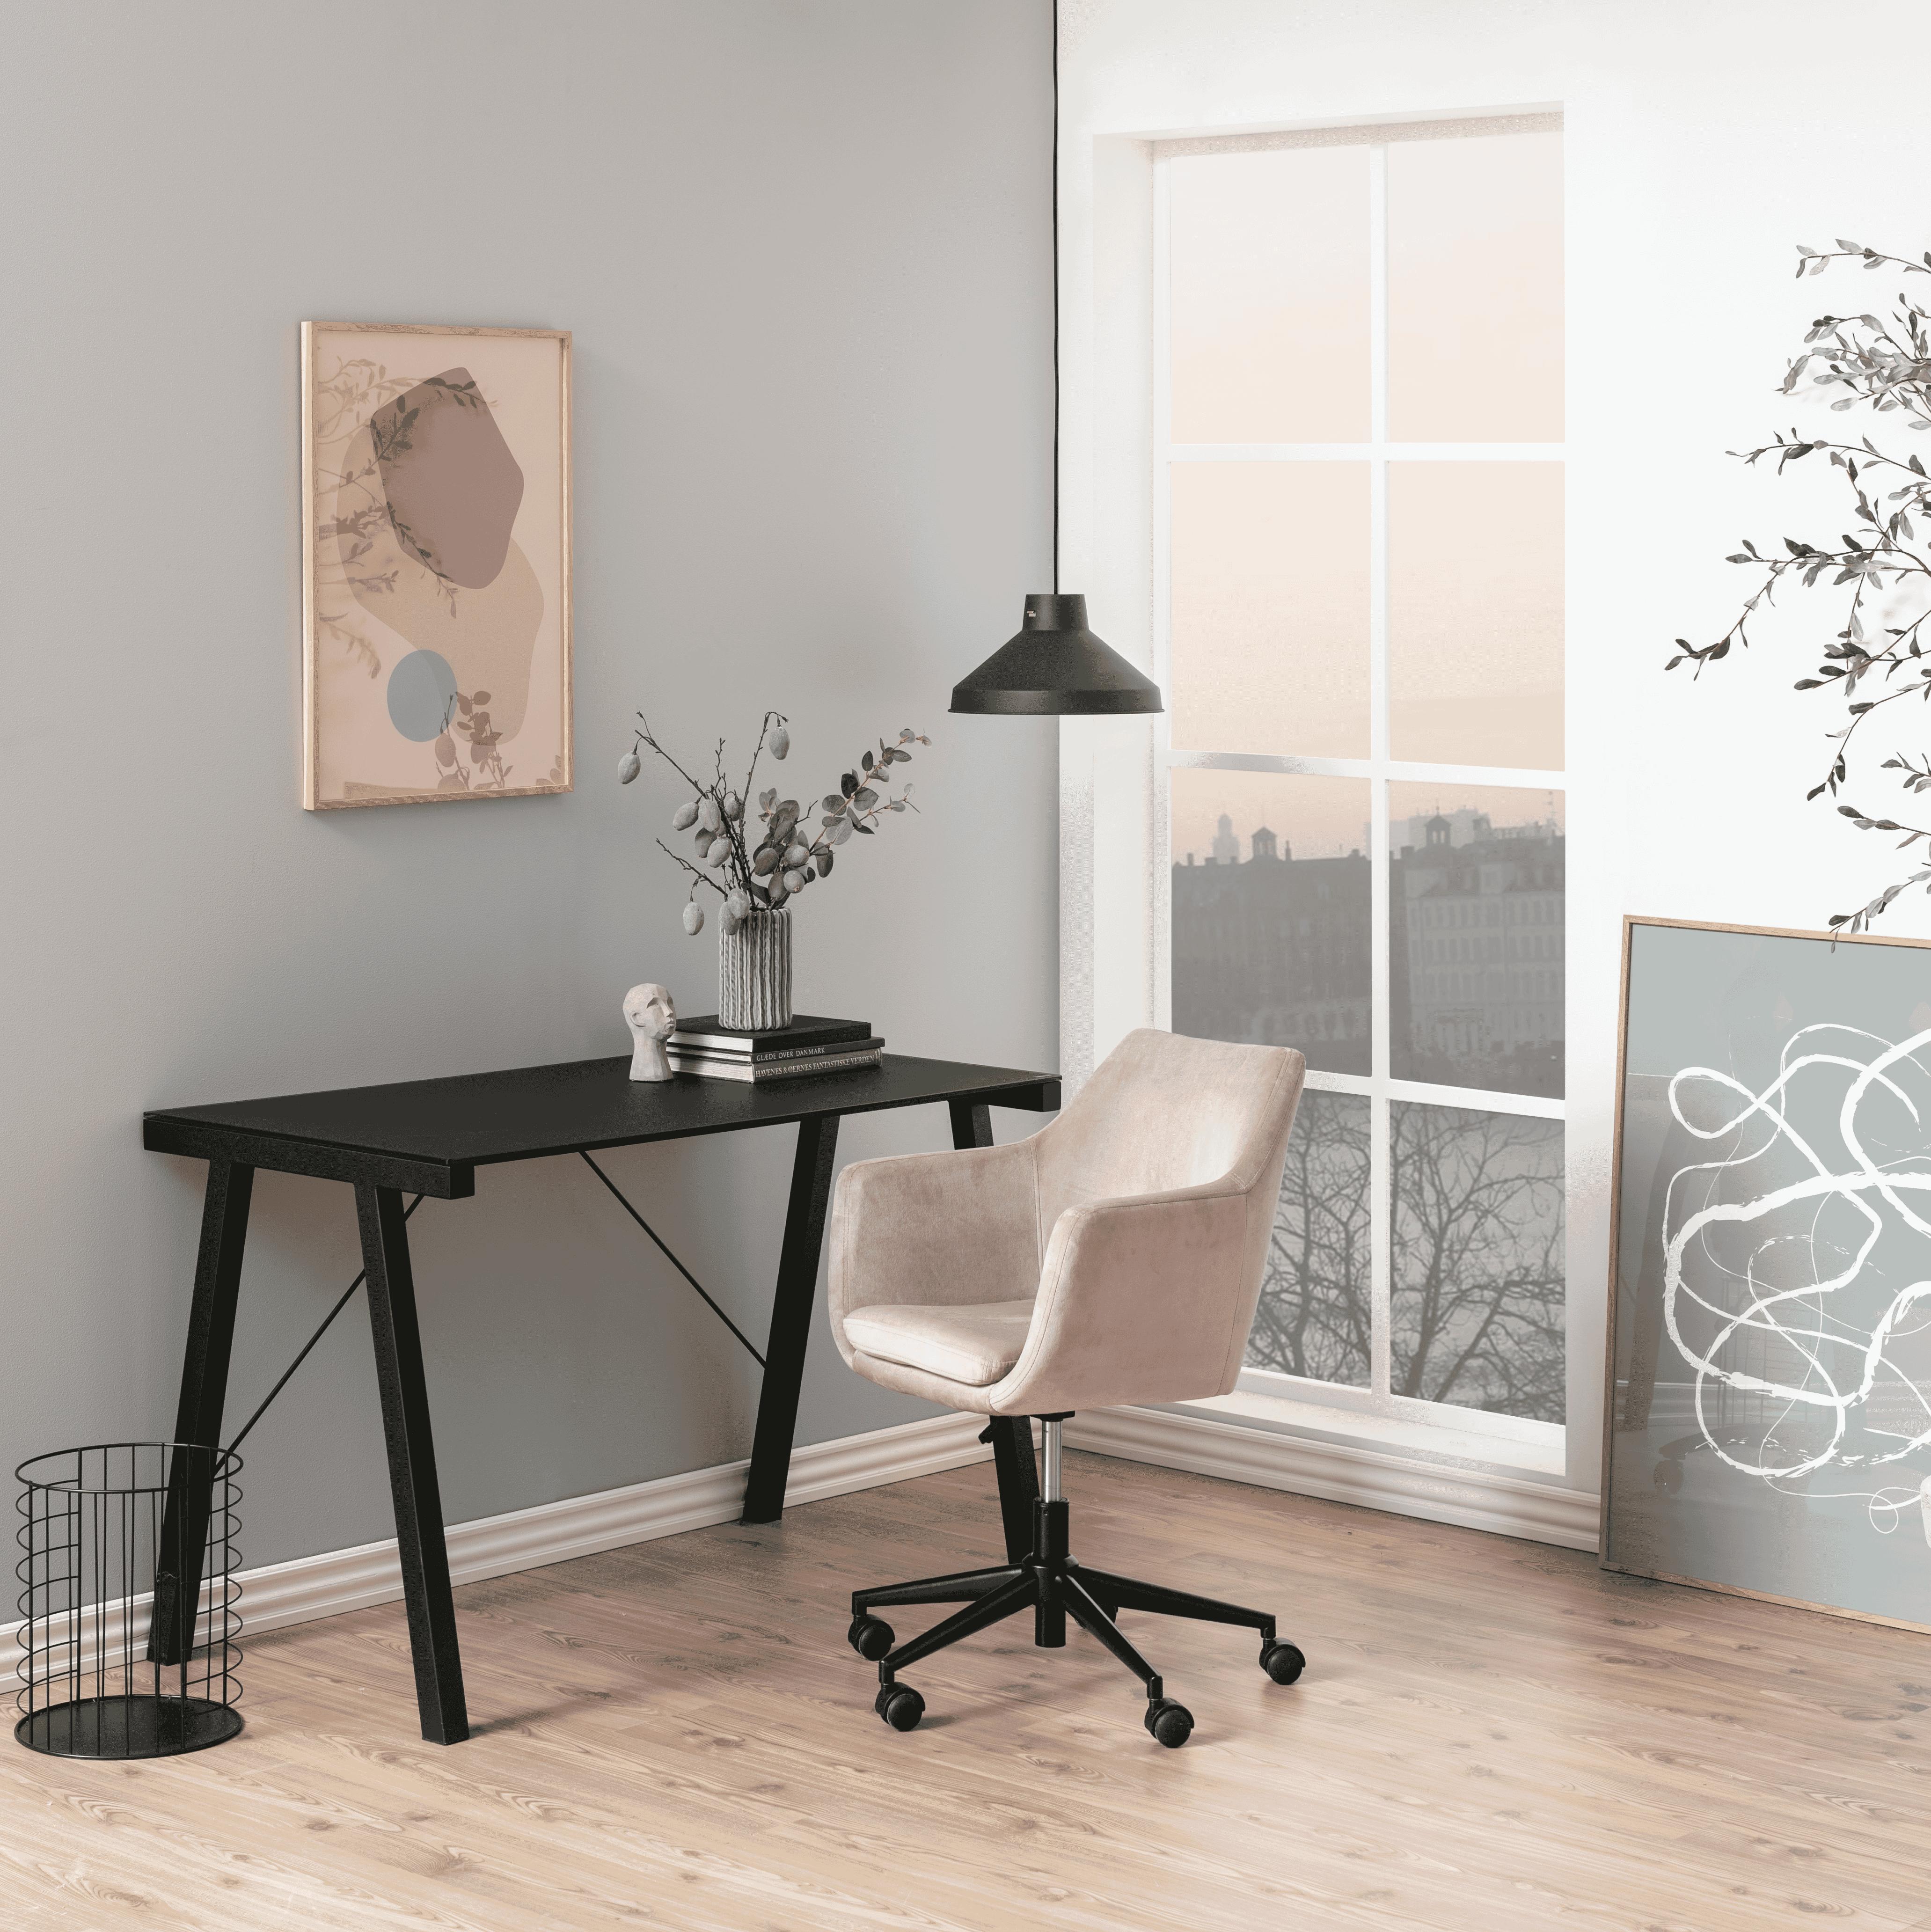 Bendt Bureaustoel 'Rikke' Velvet, kleur Dusty Rose